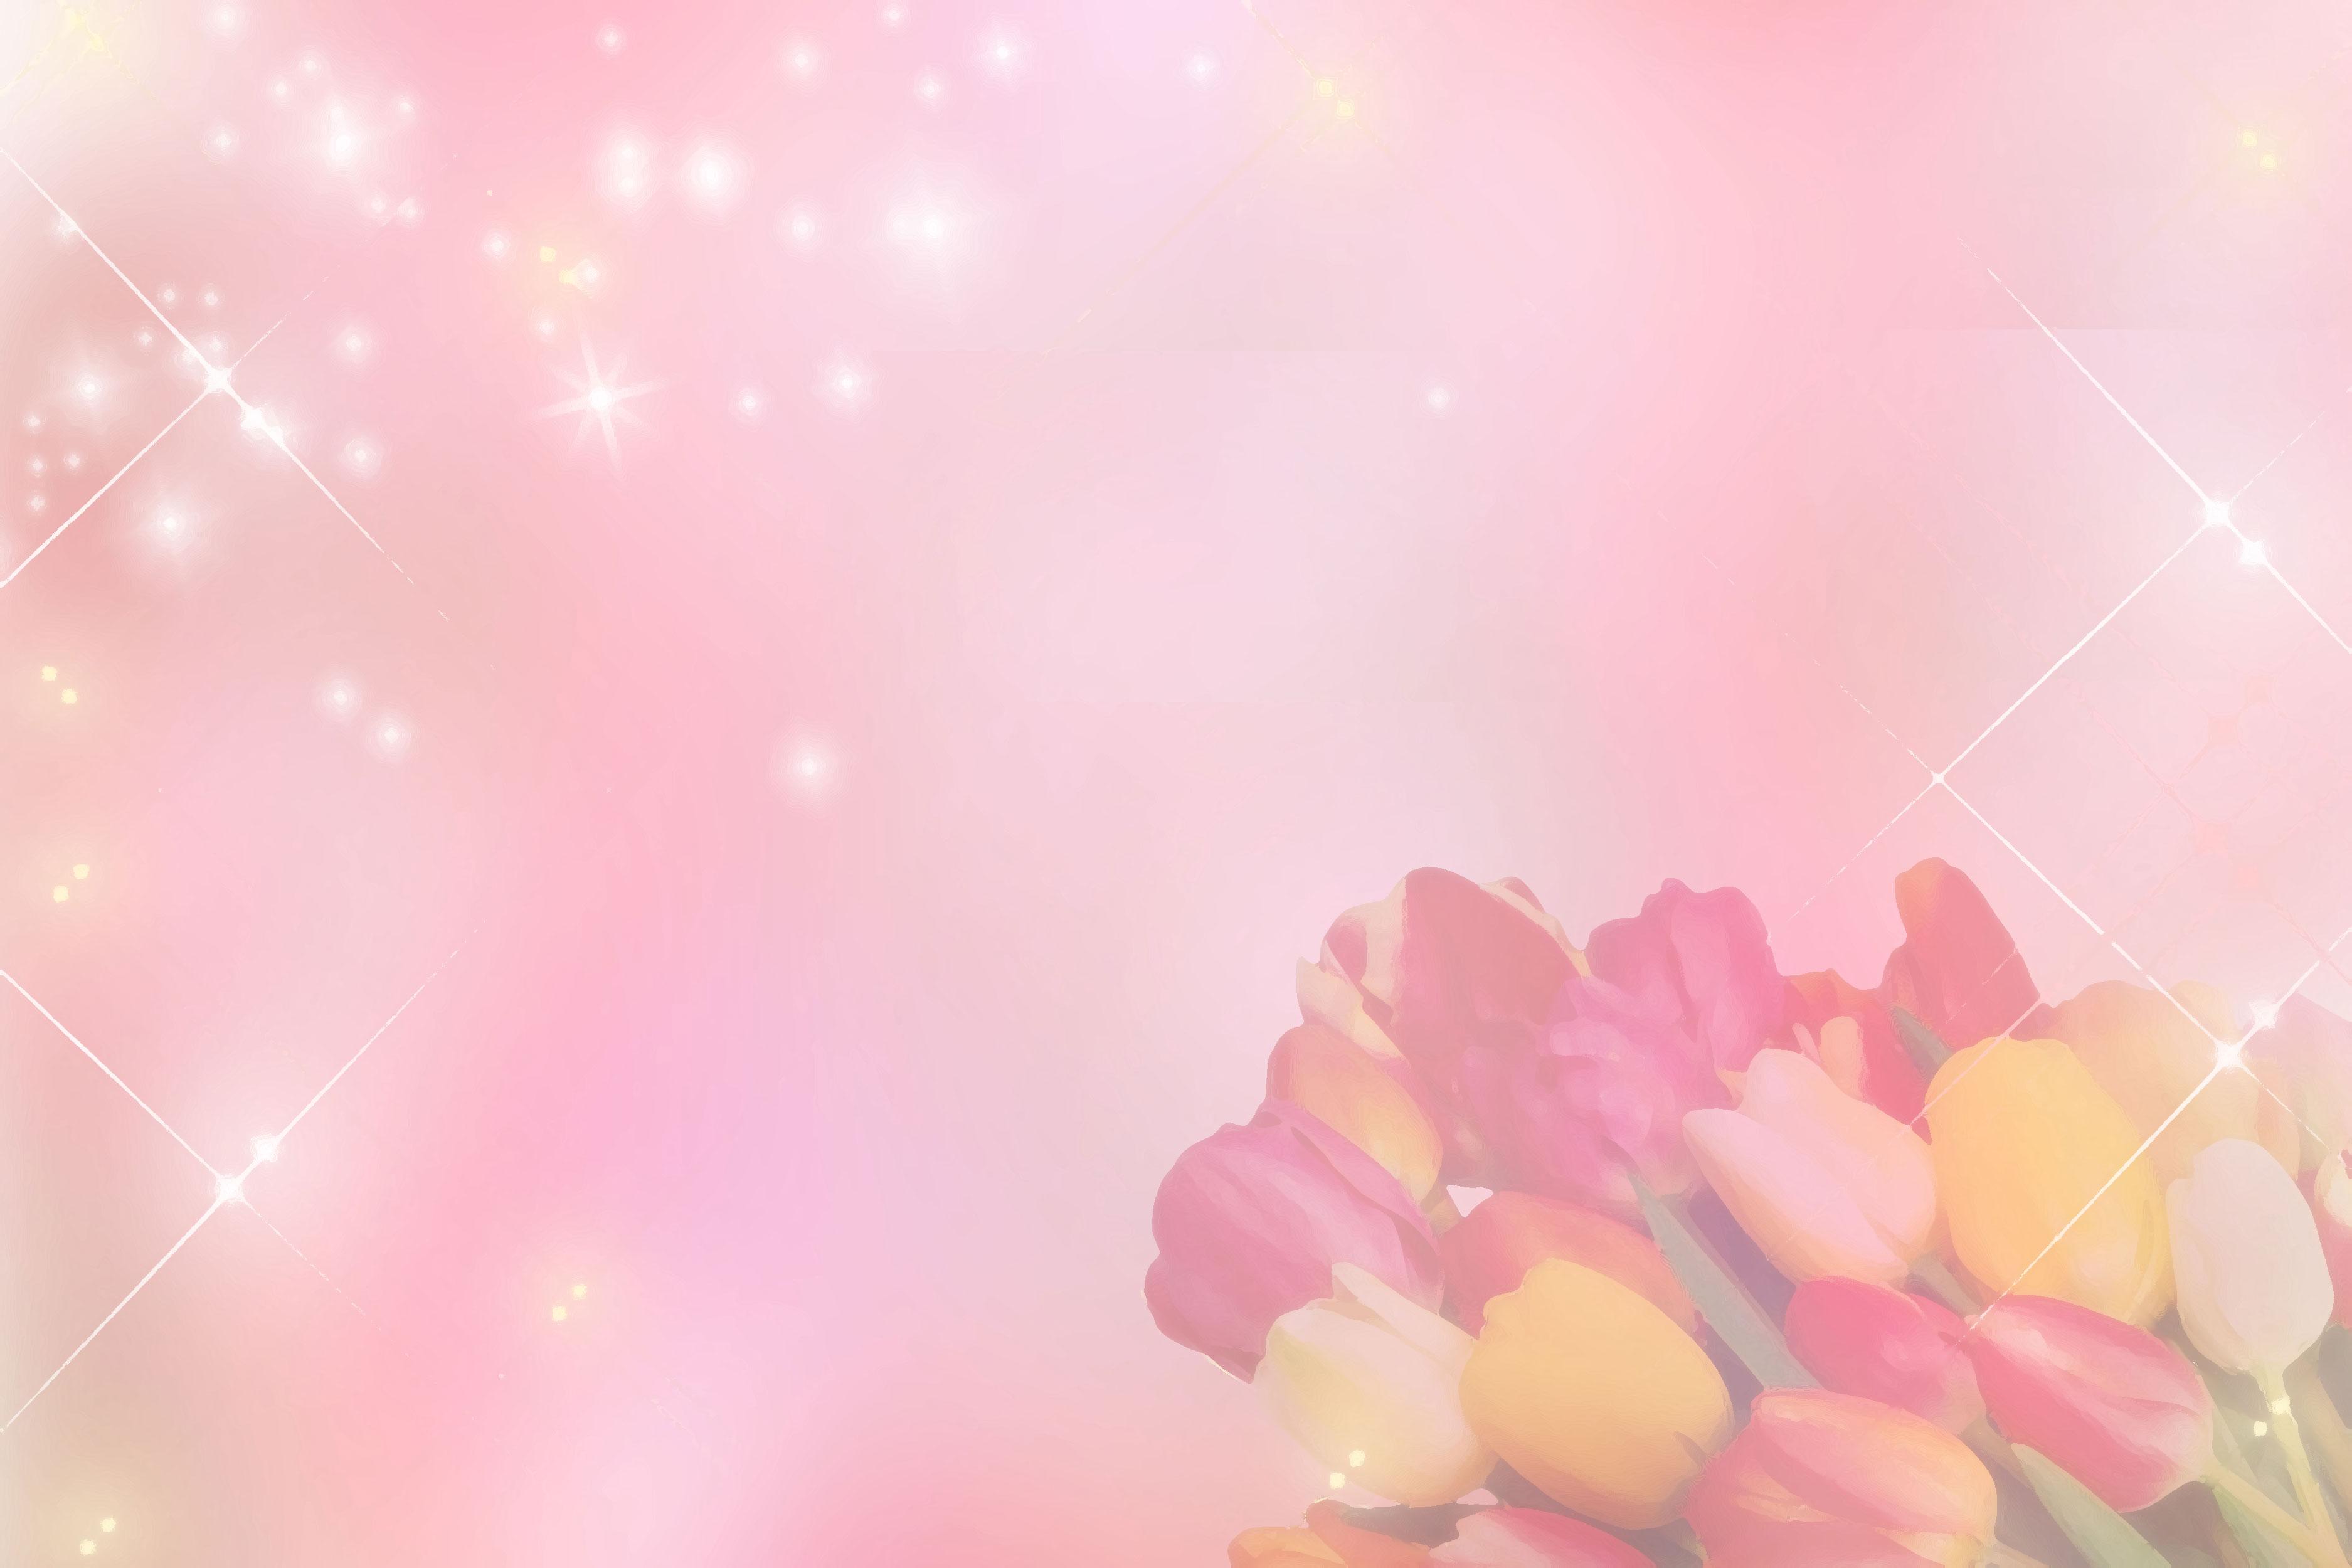 Duvalia Цветы Акварель Фон Иллюстрации Акварель Рука